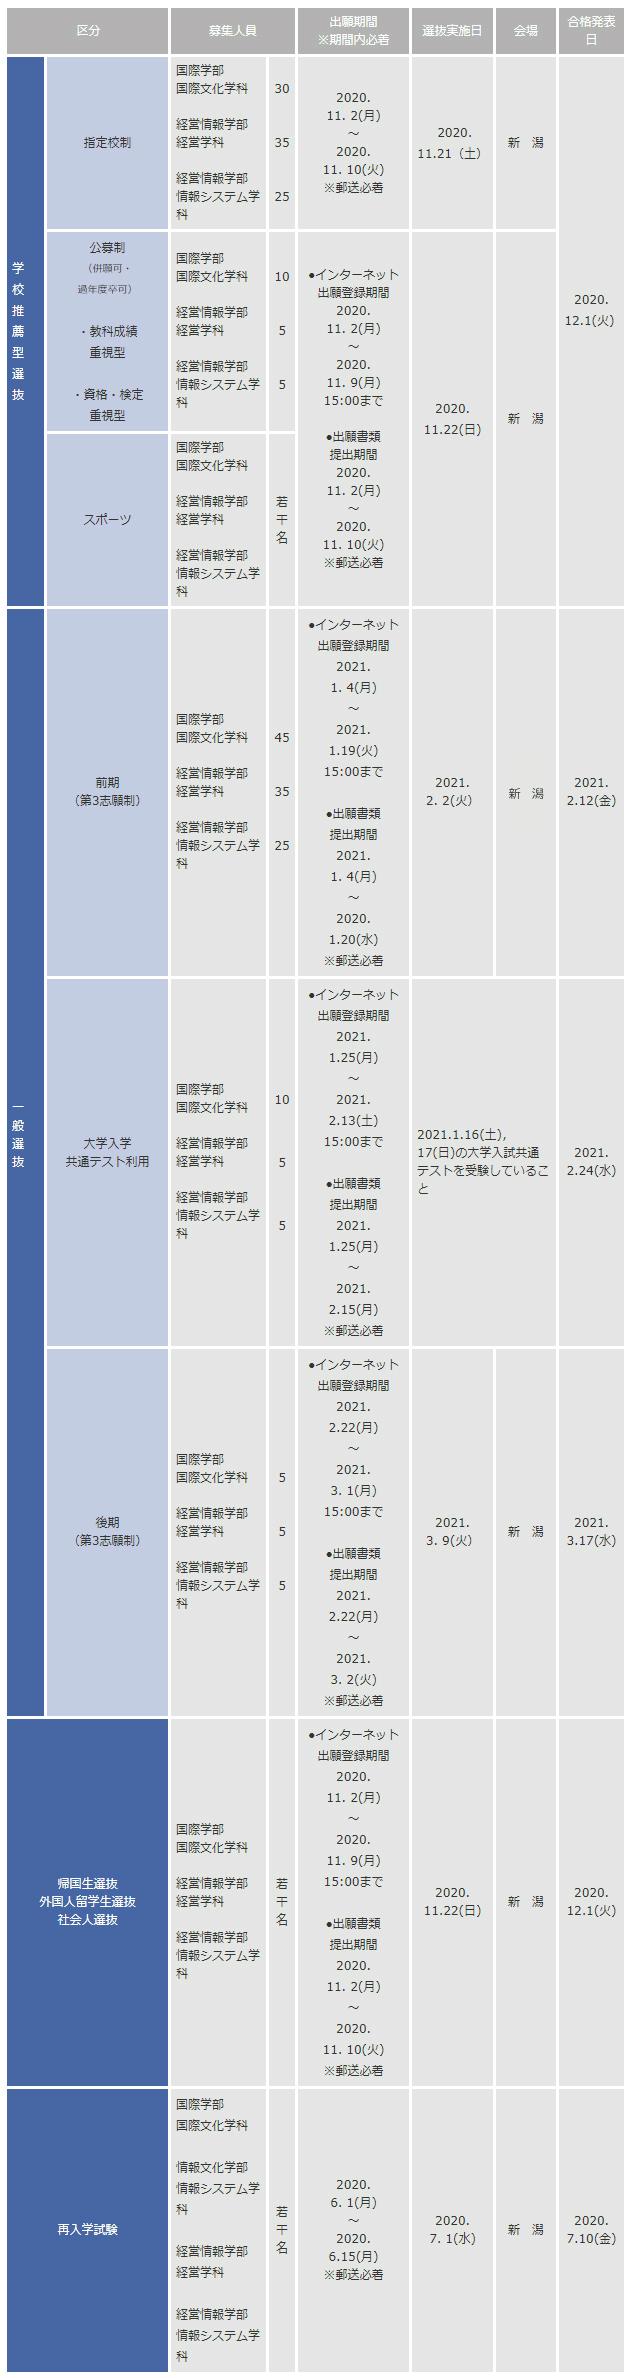 校 推薦 コロナ 指定 推薦入学試験(指定校制)